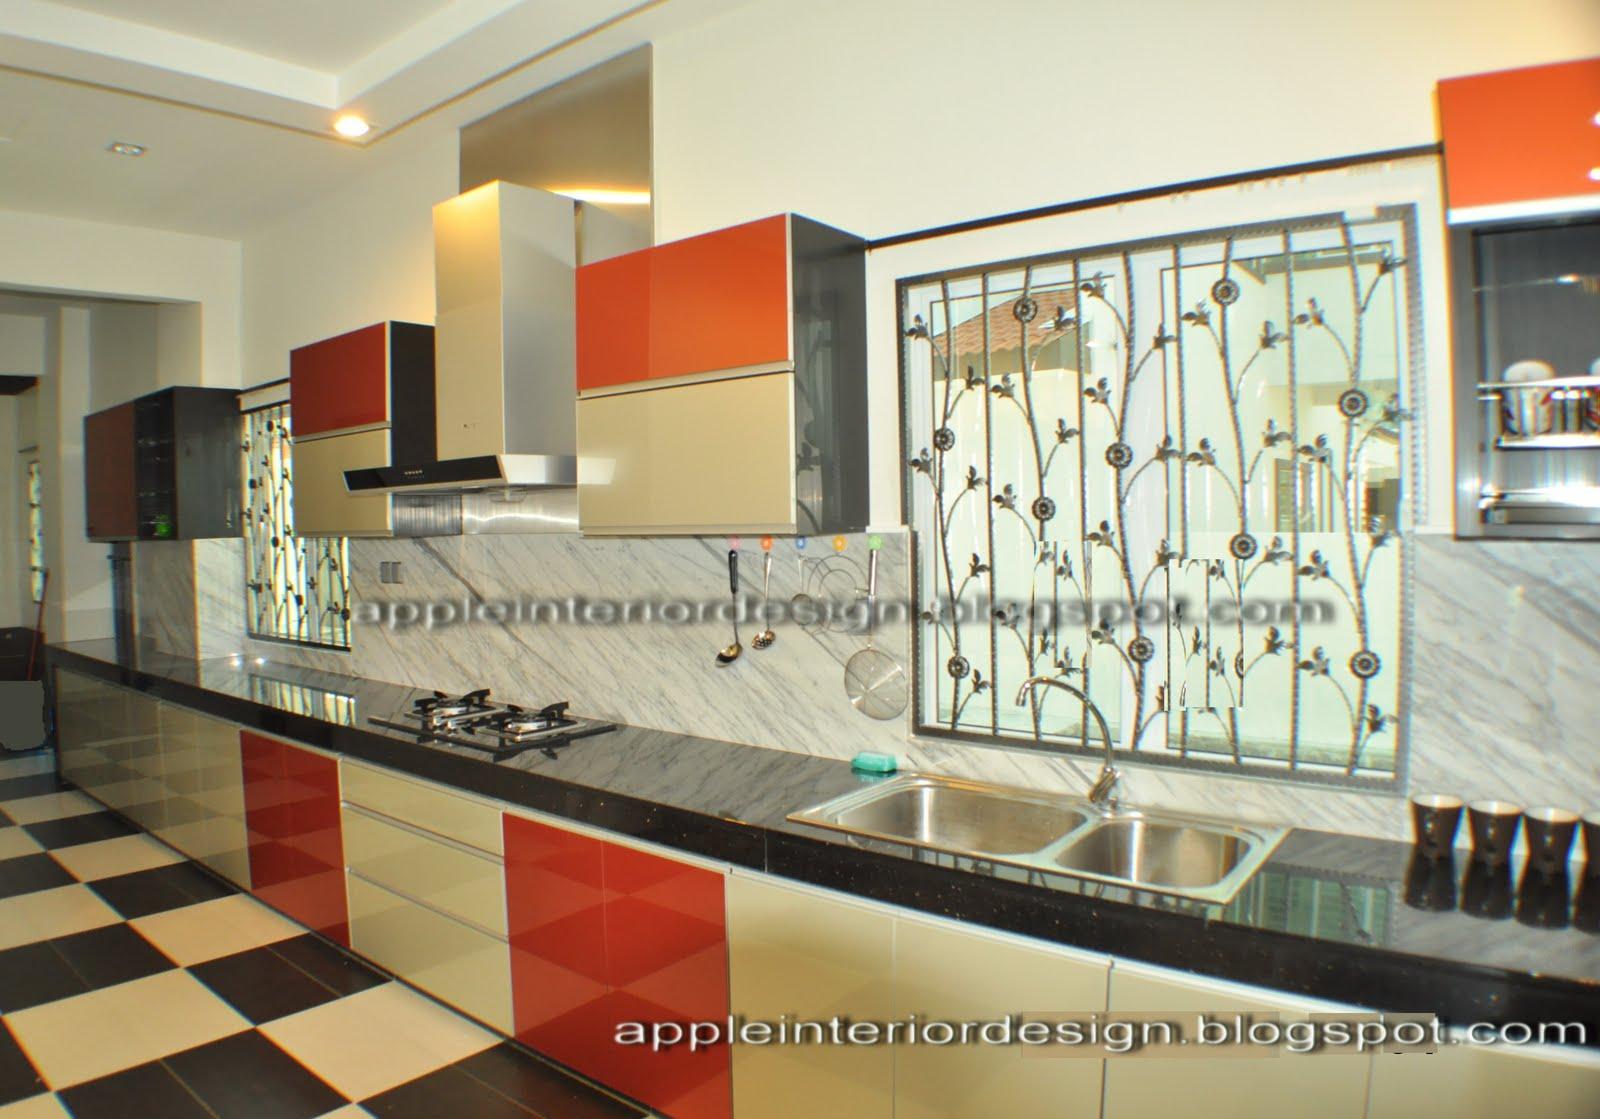 Pin aluminium 1 kitchen set toko spesialis on pinterest for Toko kitchen set